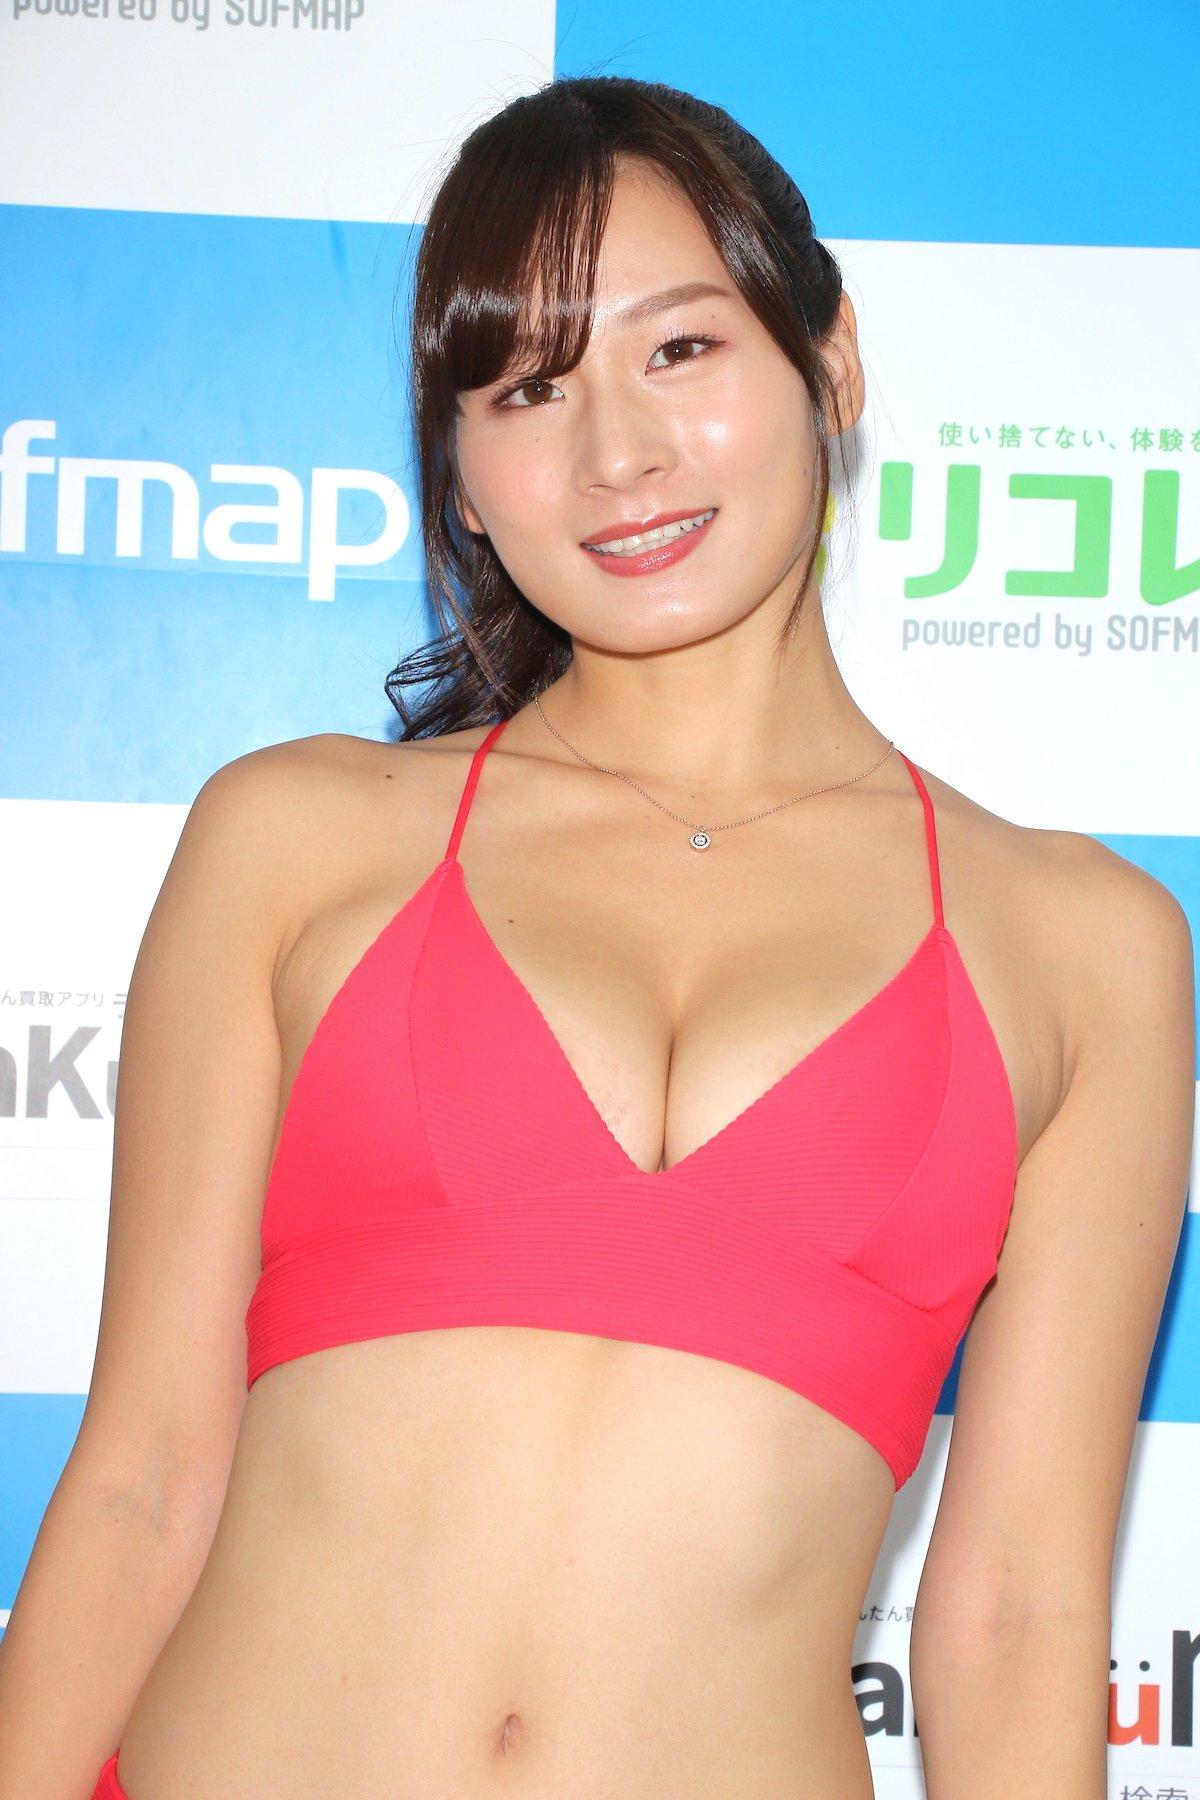 清瀬汐希「本当に何も着てない」お風呂のシーンは露出度満点!【画像62枚】の画像021